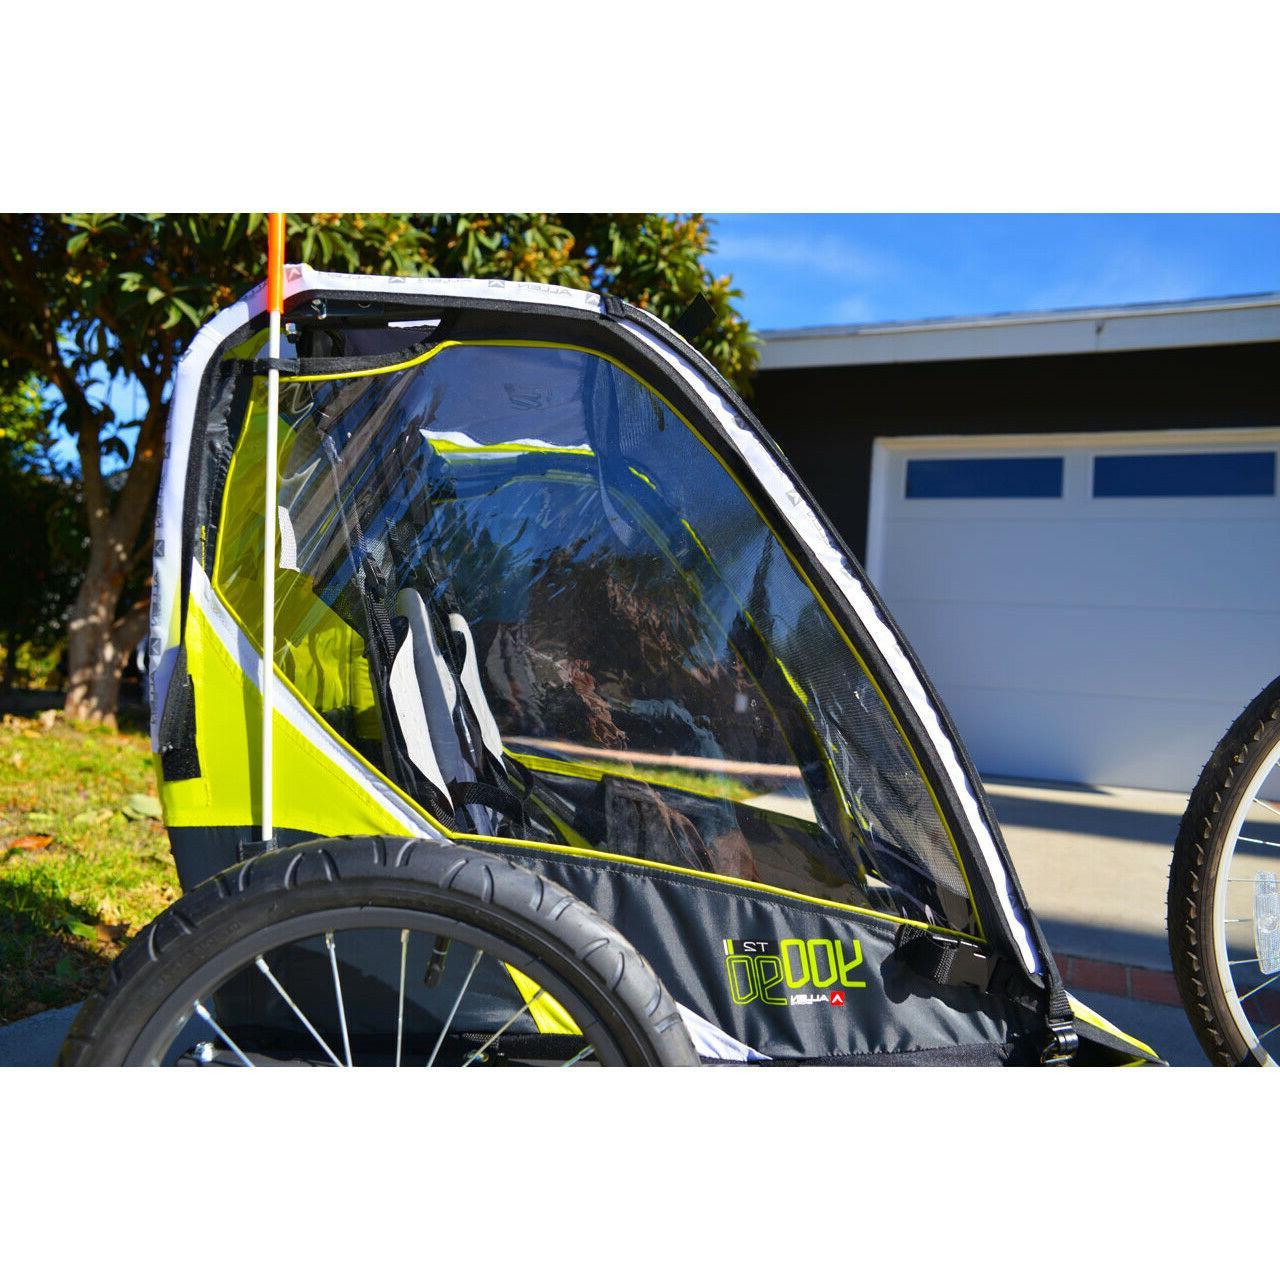 Green Trailer Lightweight Stroller